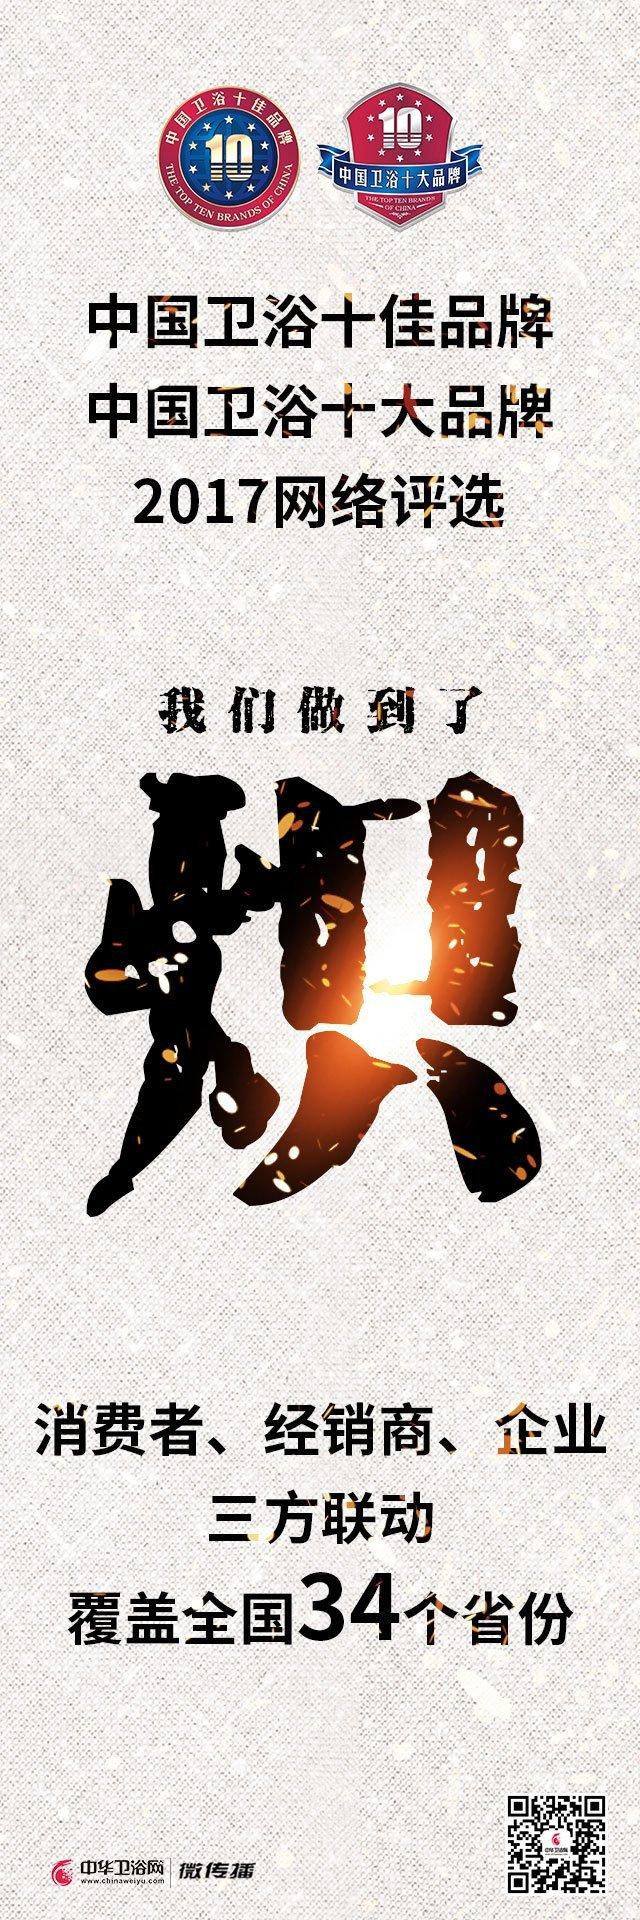 中国卫浴双十品牌-炽